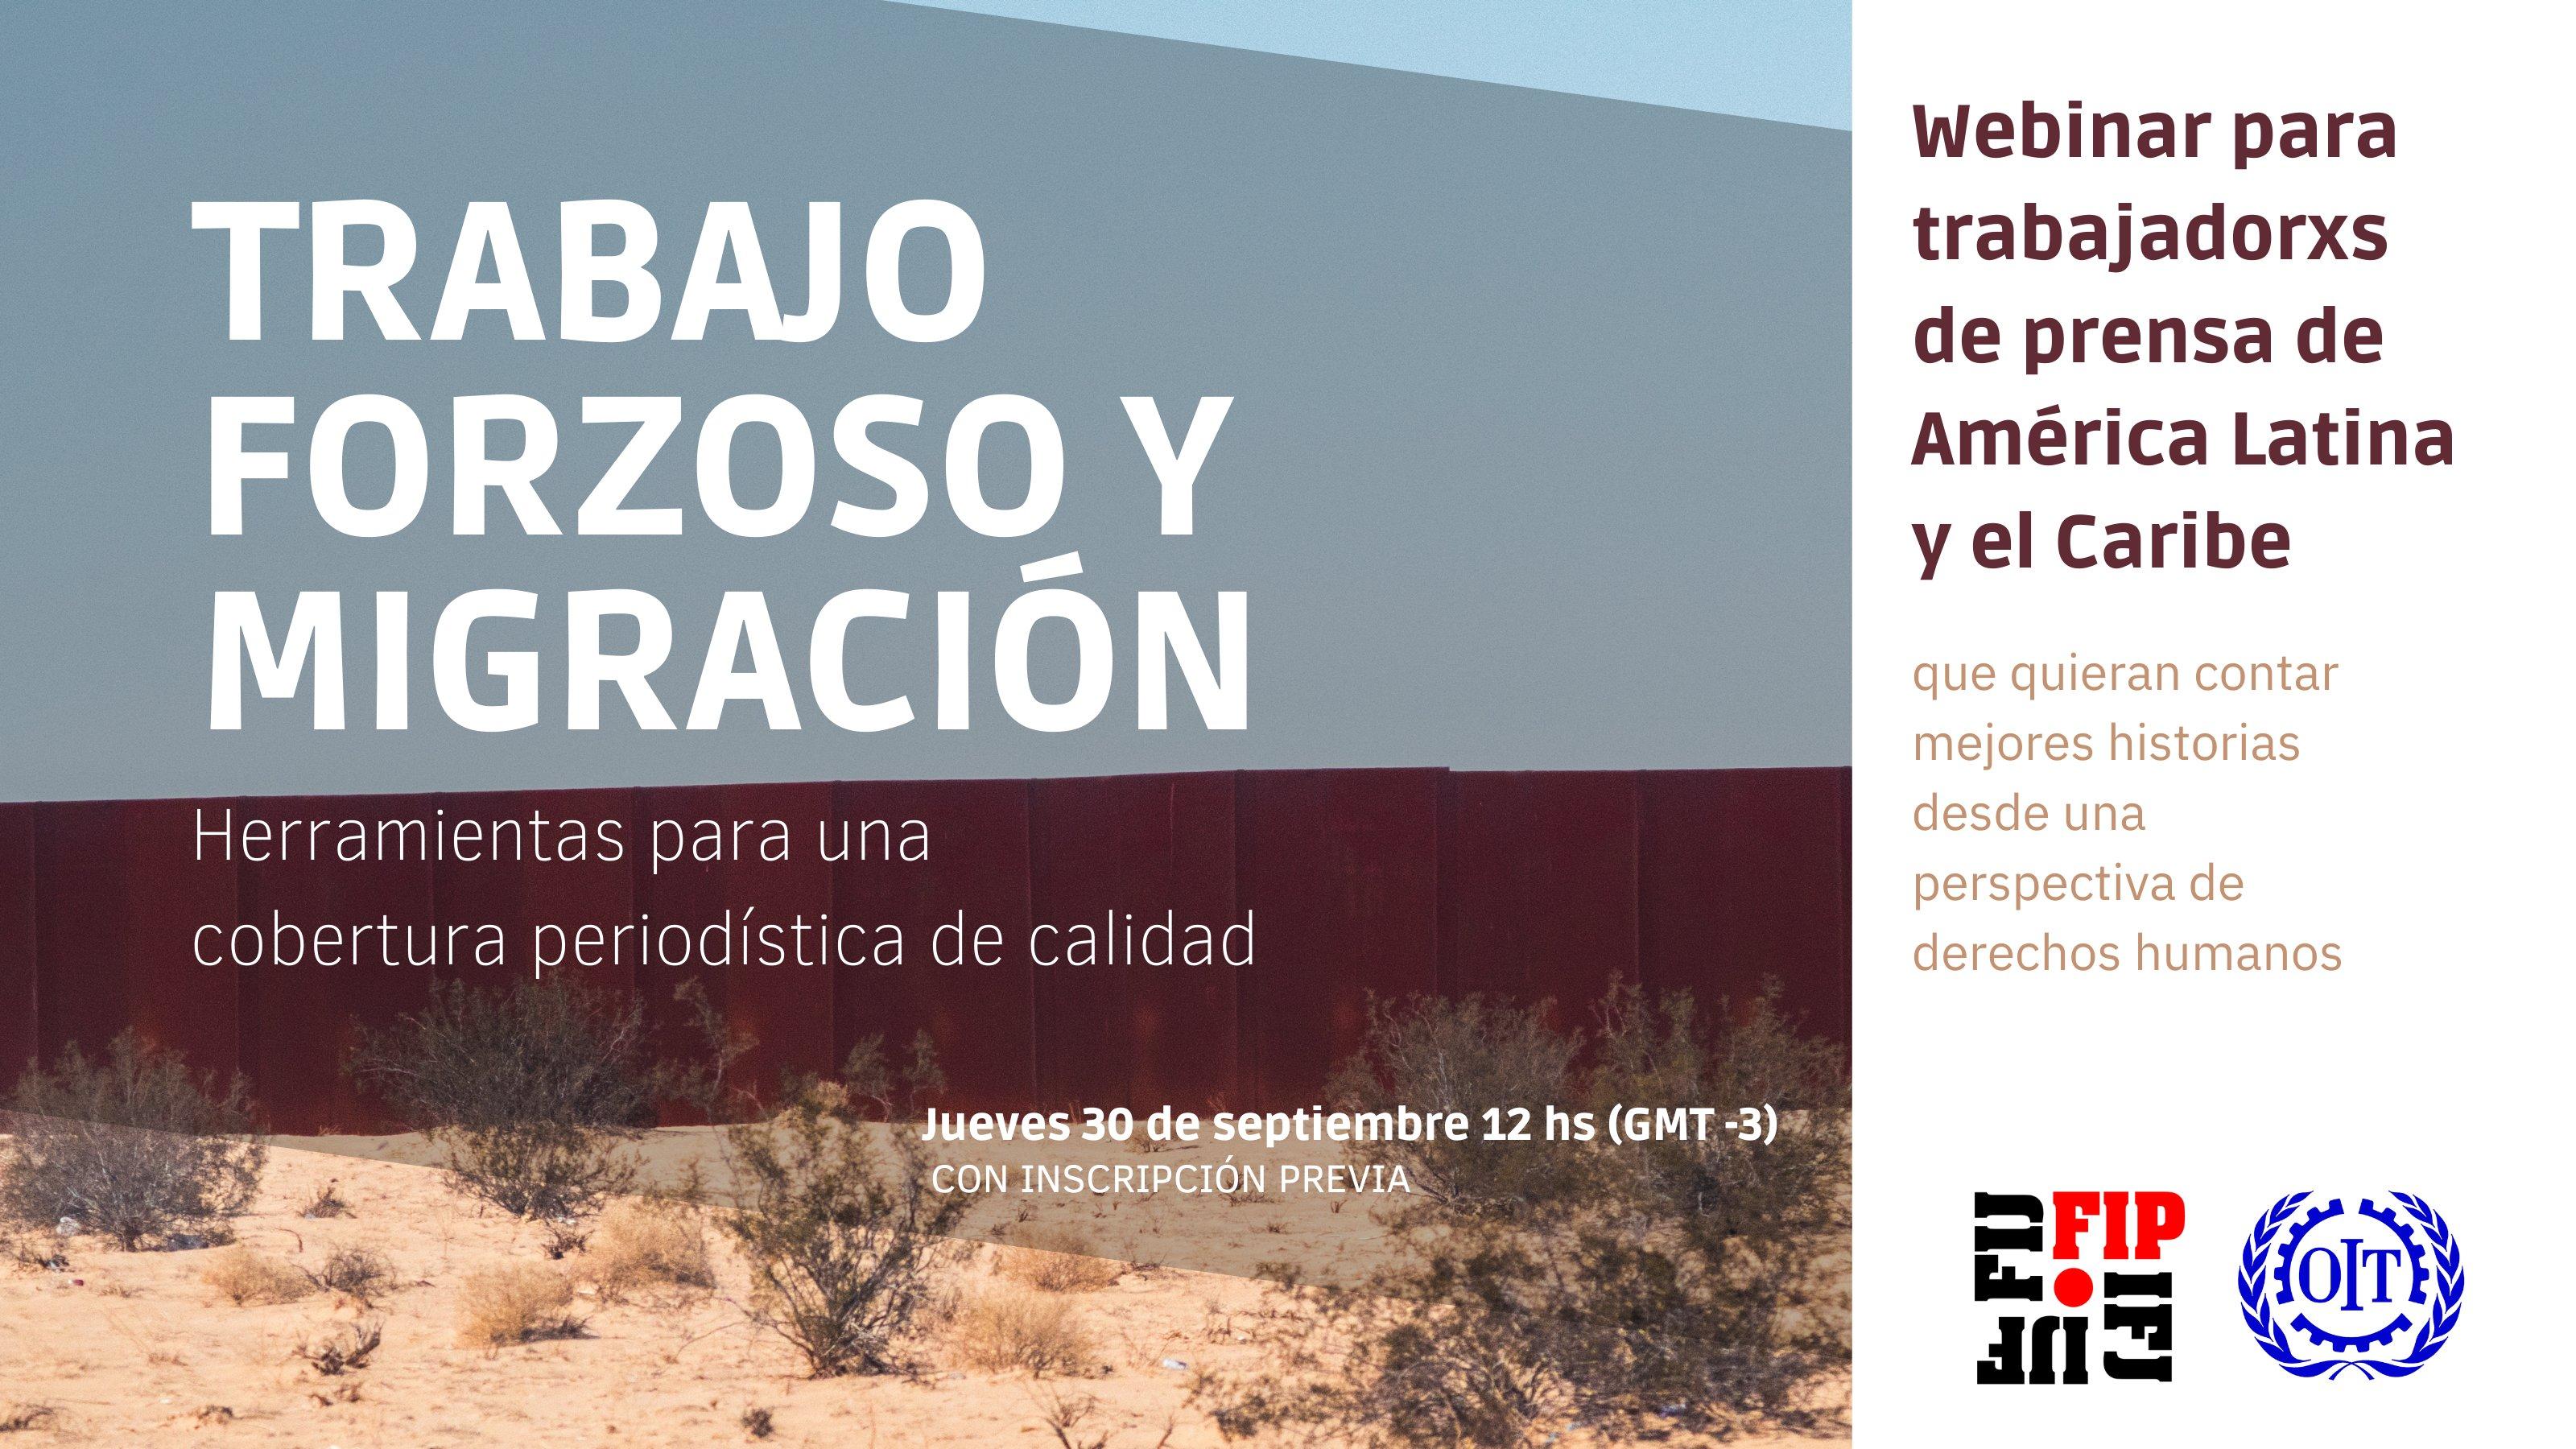 """Webinar """"Trabajo forzoso y migración: herramientas para una cobertura periodística de calidad"""""""